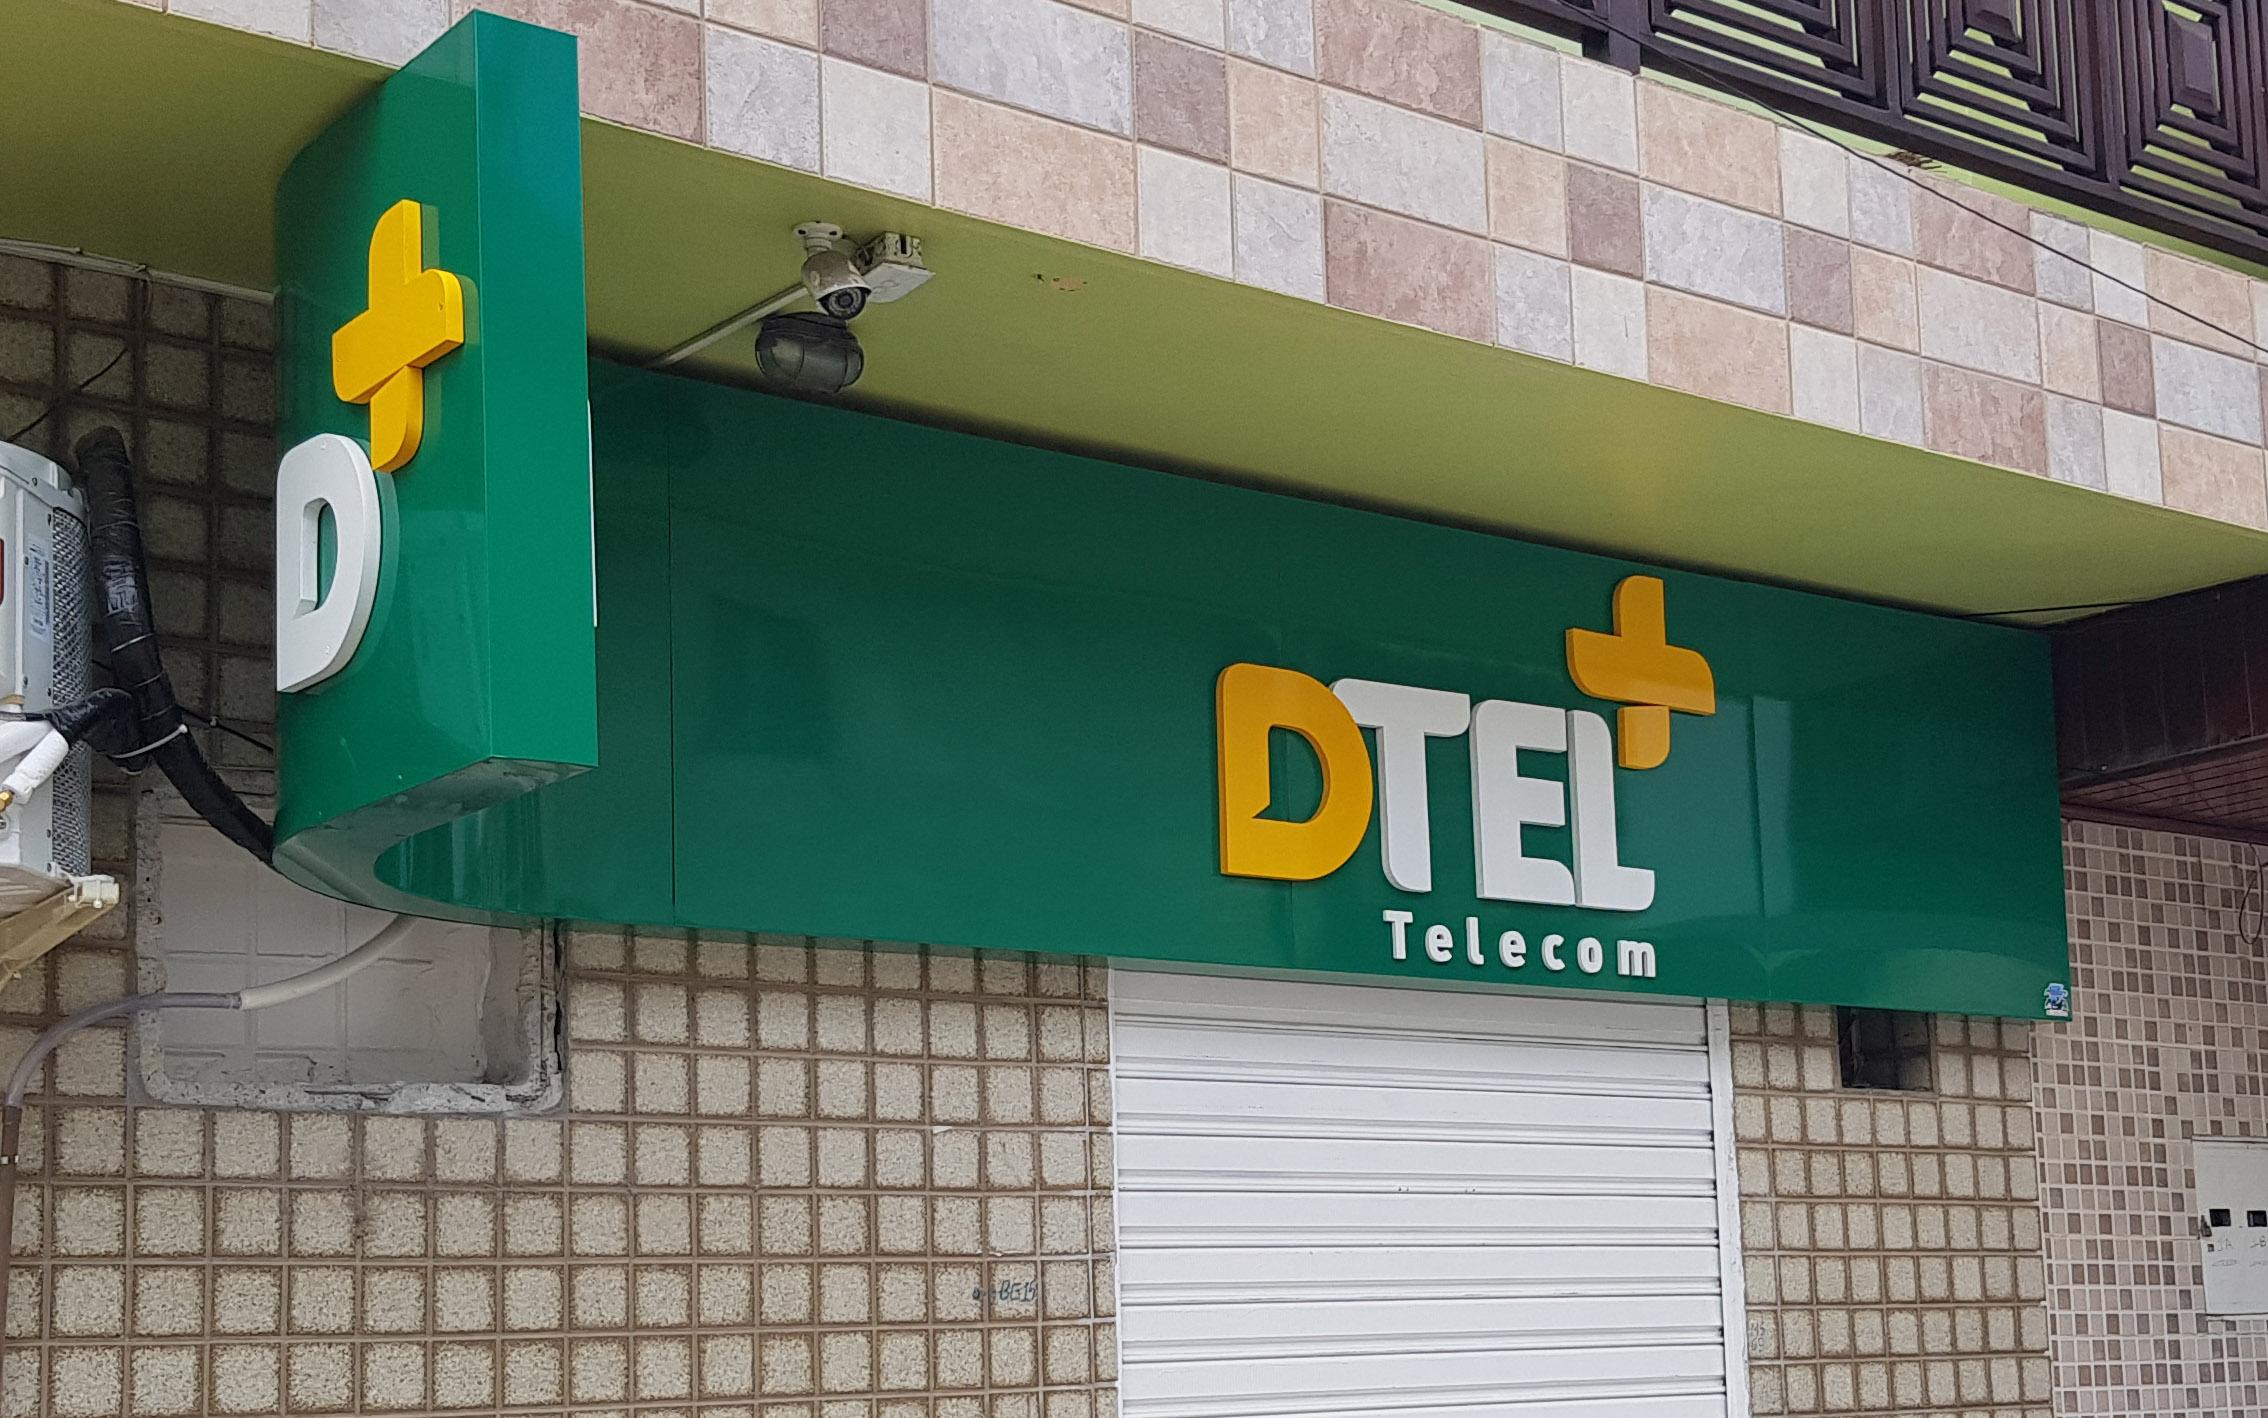 https://0201.nccdn.net/1_2/000/000/094/14d/Atelier2-Dtel-Telecom-Barra3.jpg